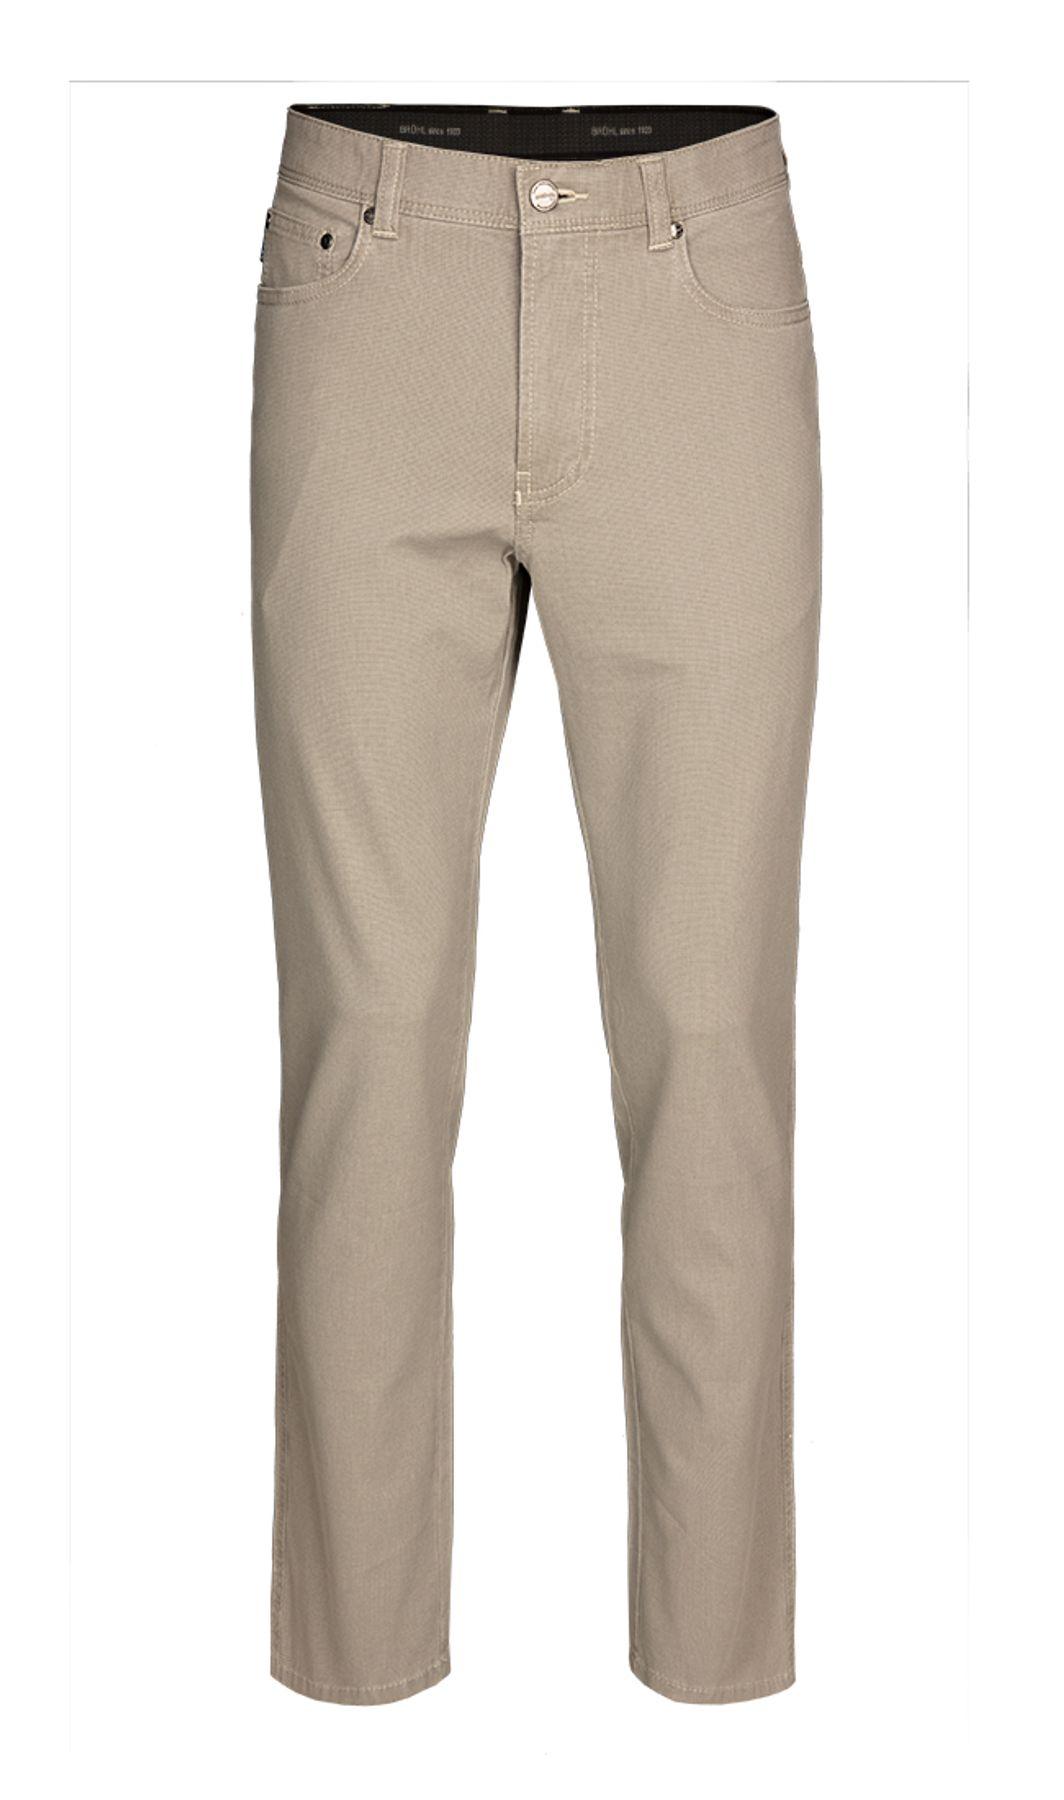 Brühl - Comfort Fit - Sommerliche Herren 5-Pocket Jeans, Genua III (0534183720100) – Bild 1